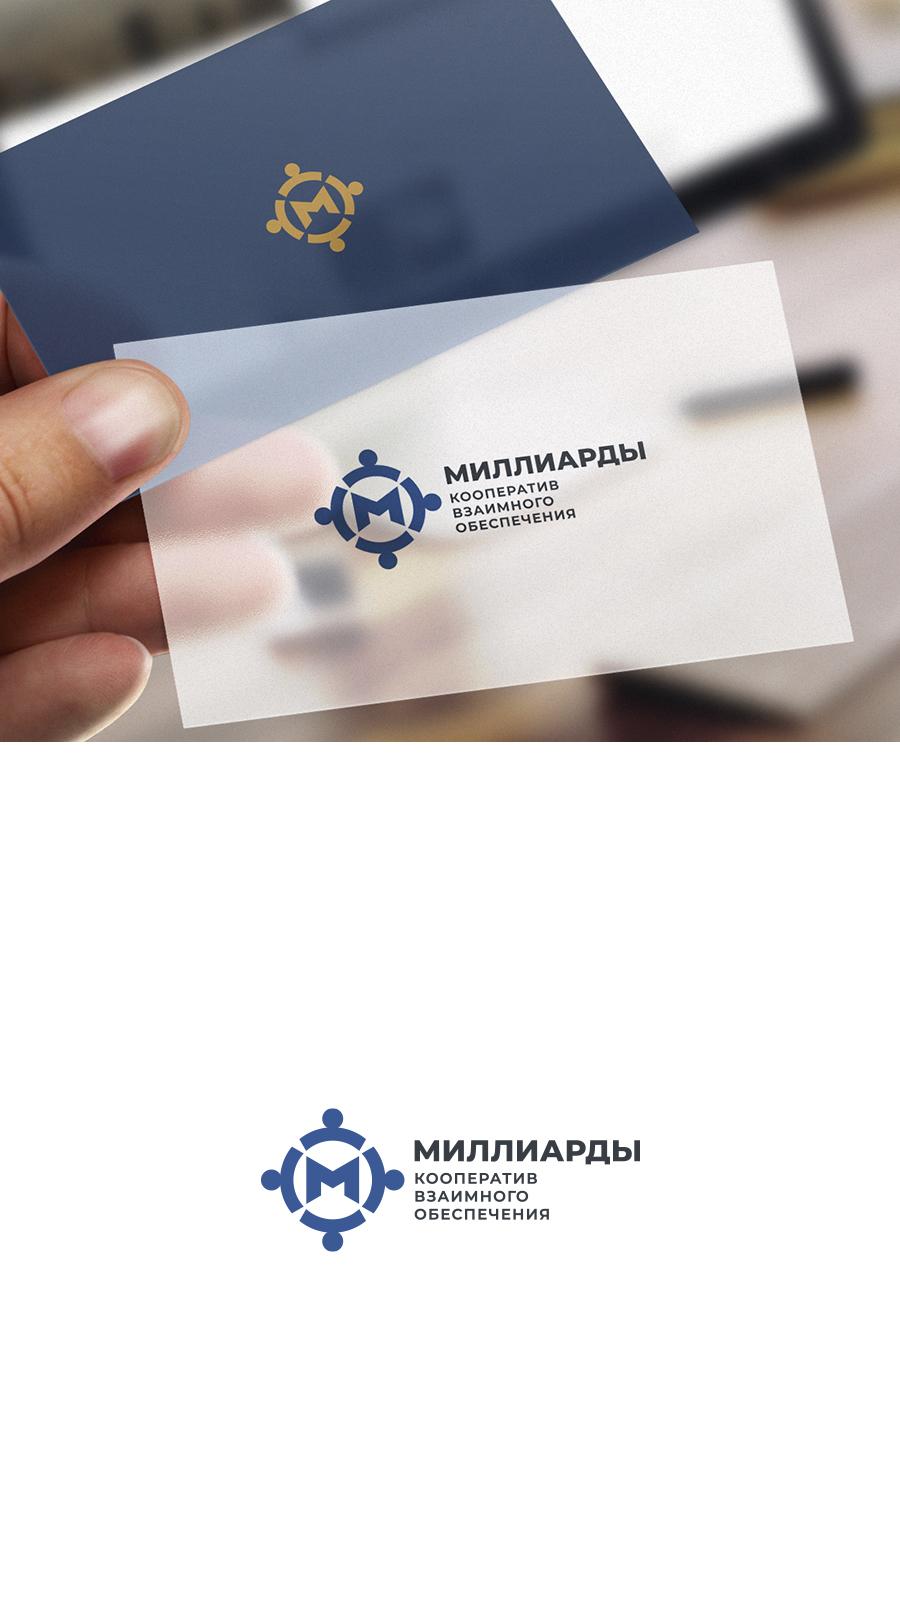 Создание логотипа фото f_5525e4372a420500.jpg